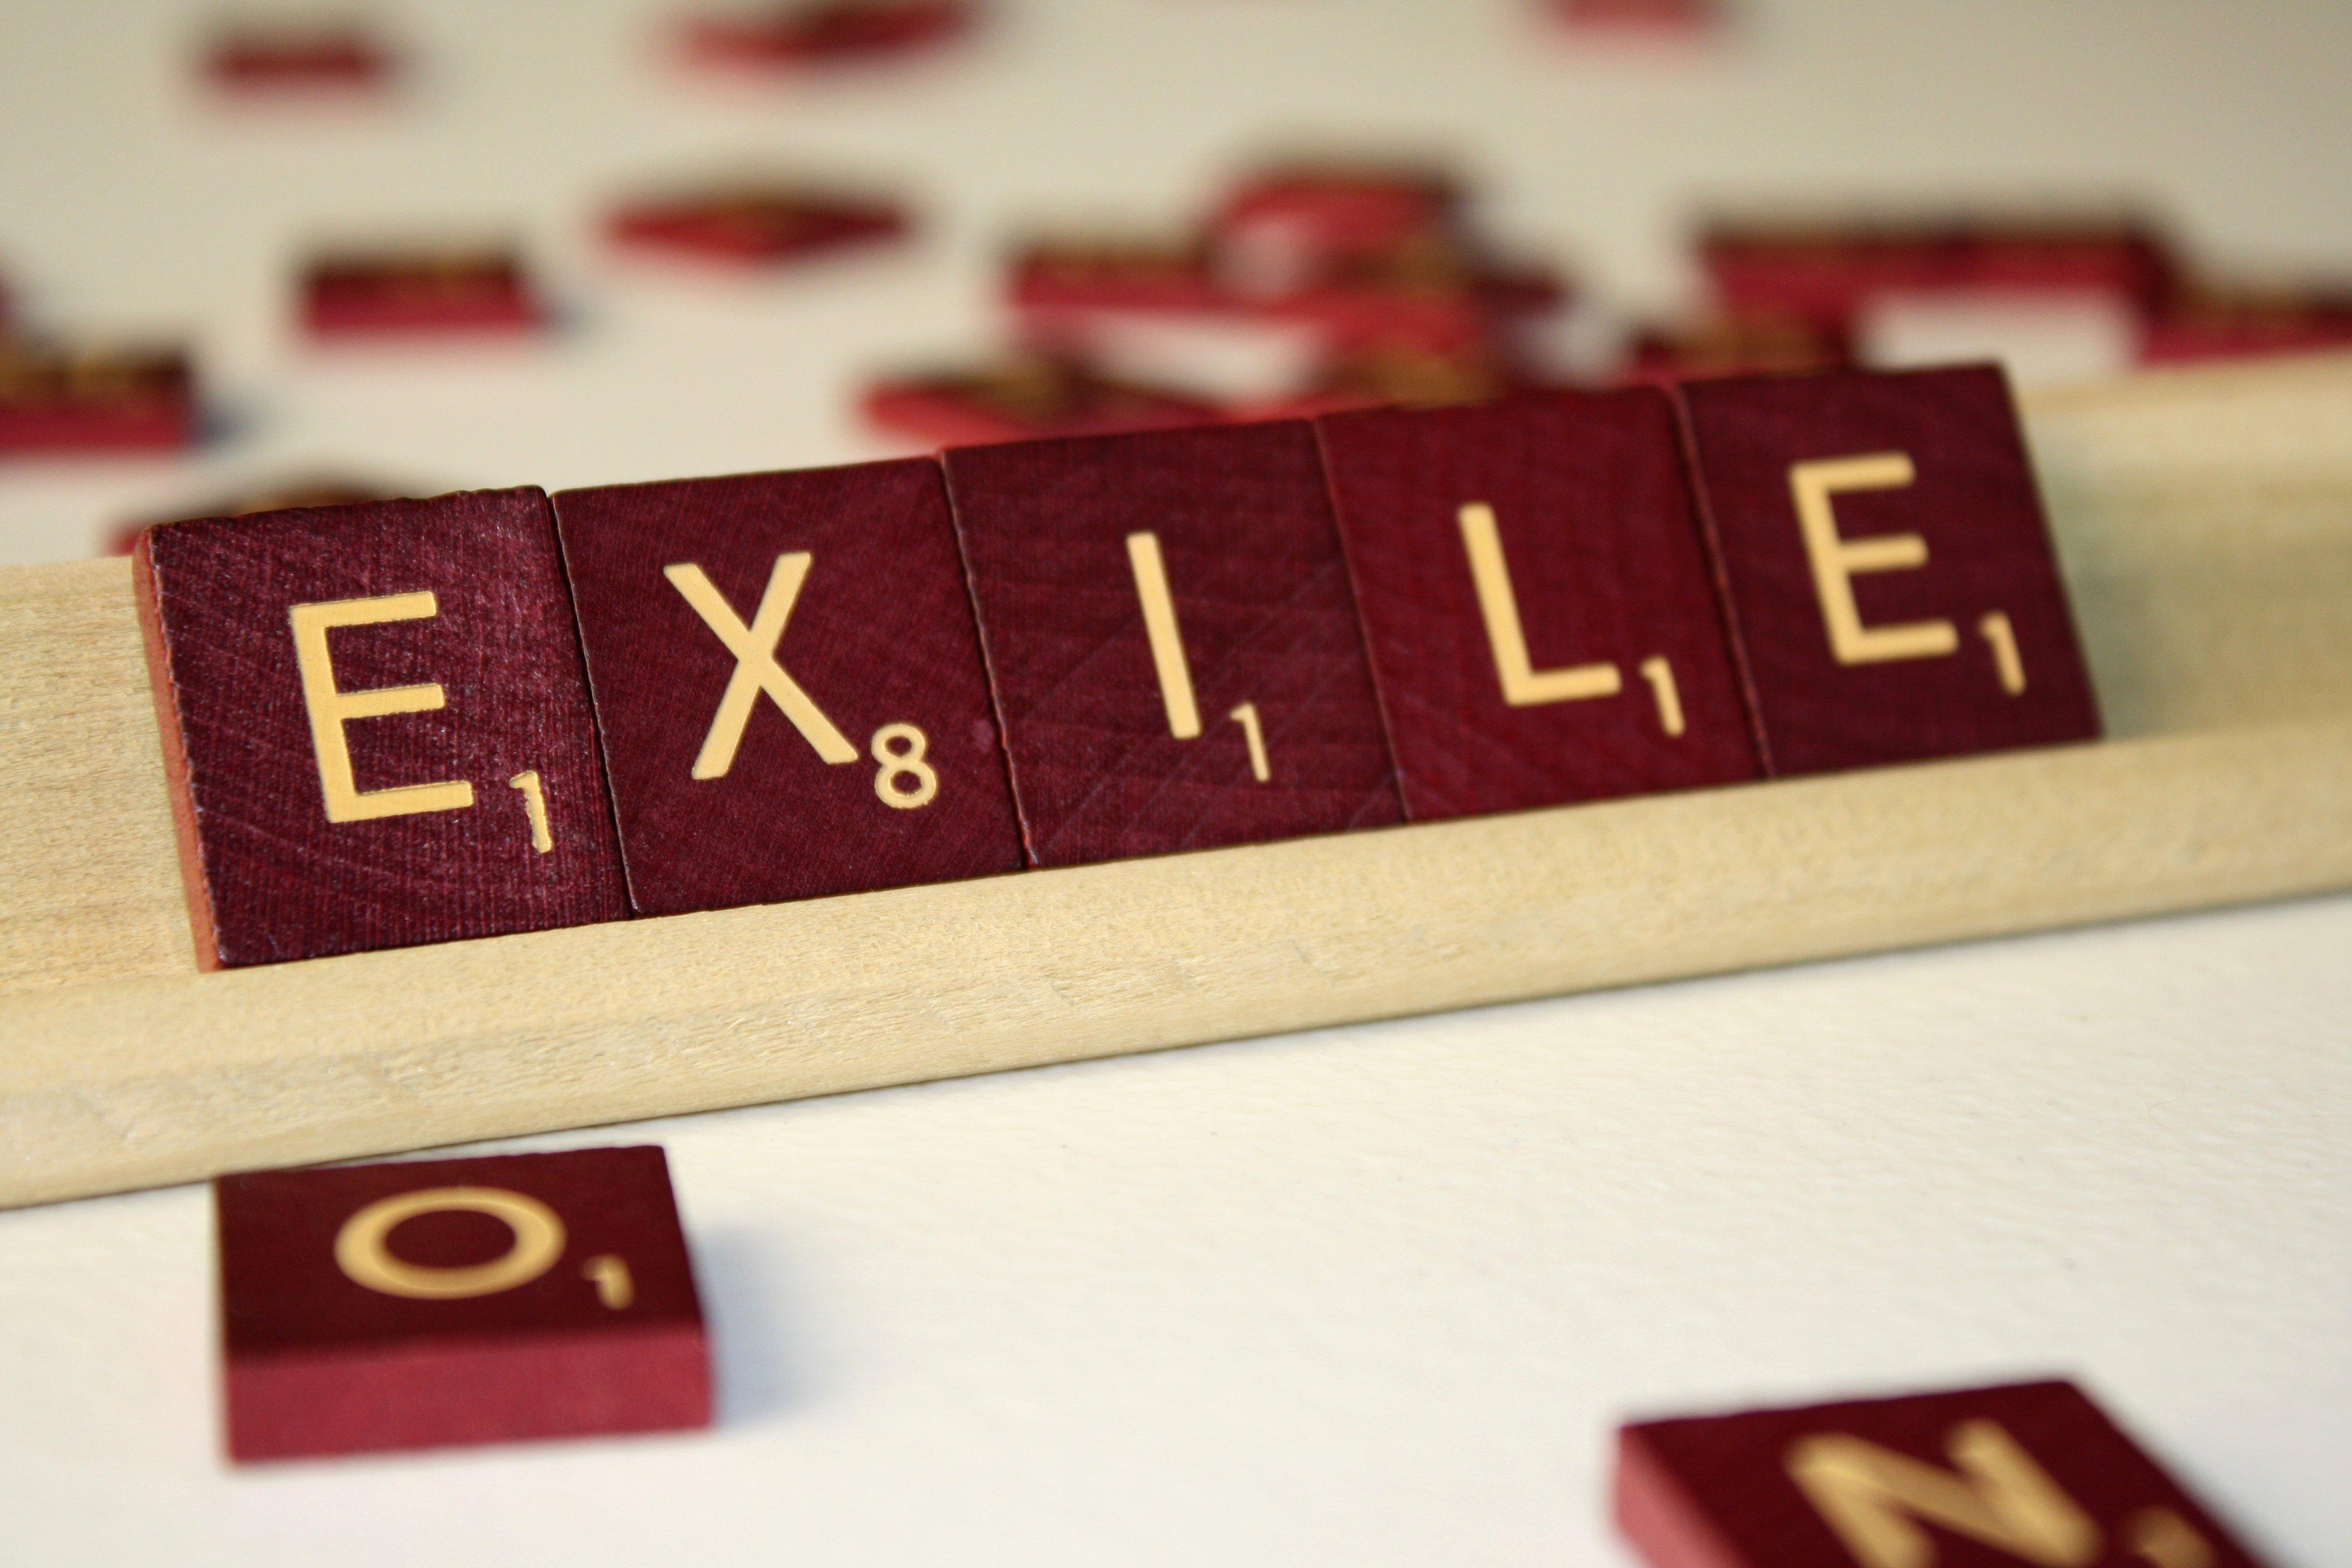 Exile Picture Free Photograph Photos Public Domain